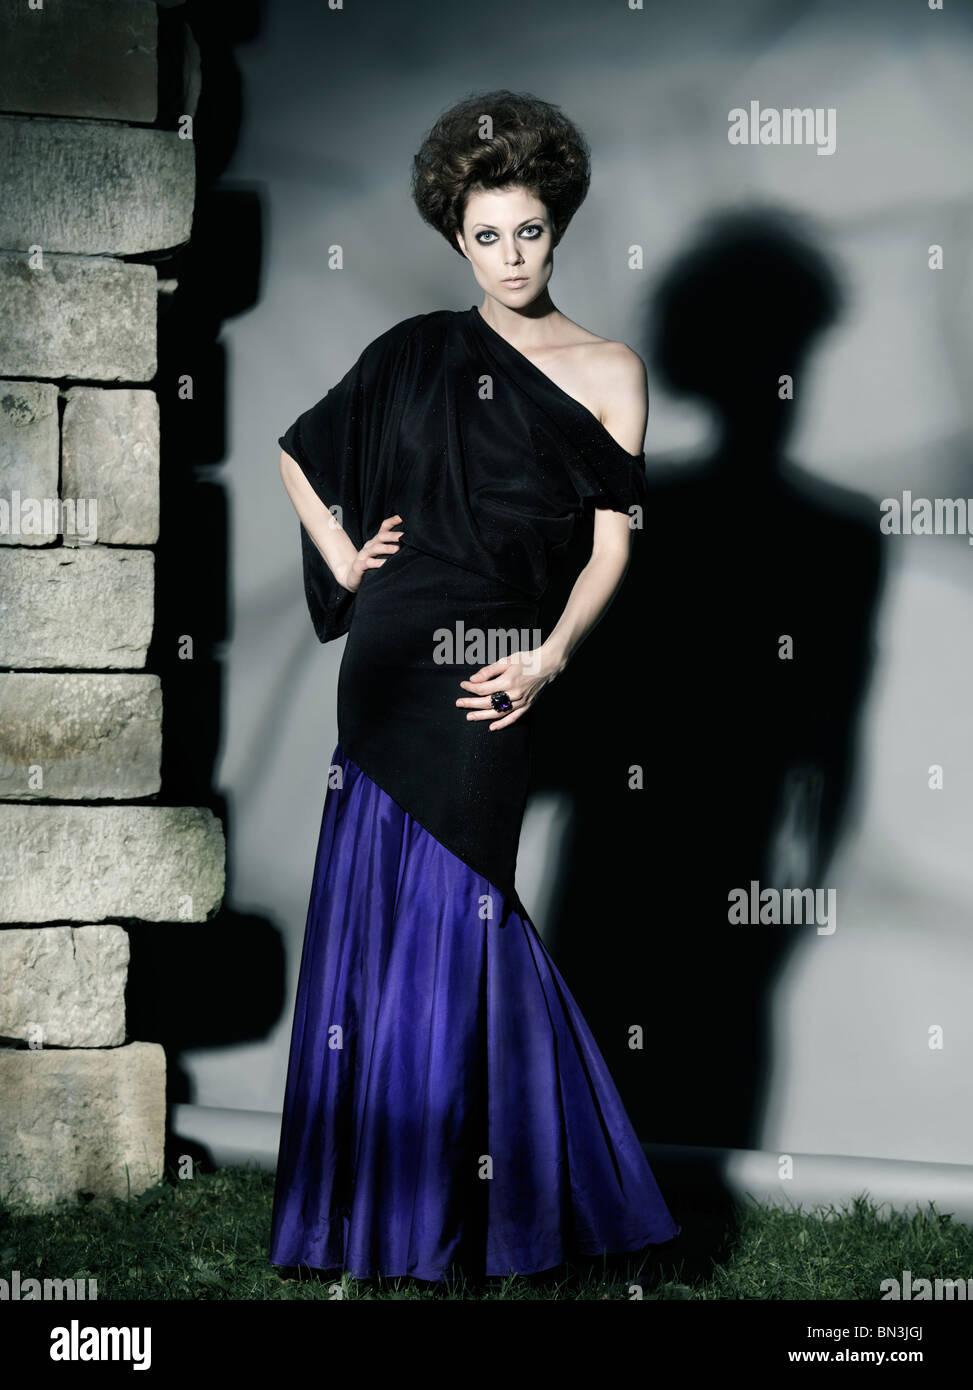 Alta moda foto di una bella donna che indossa eleganti abiti lunghi Immagini Stock